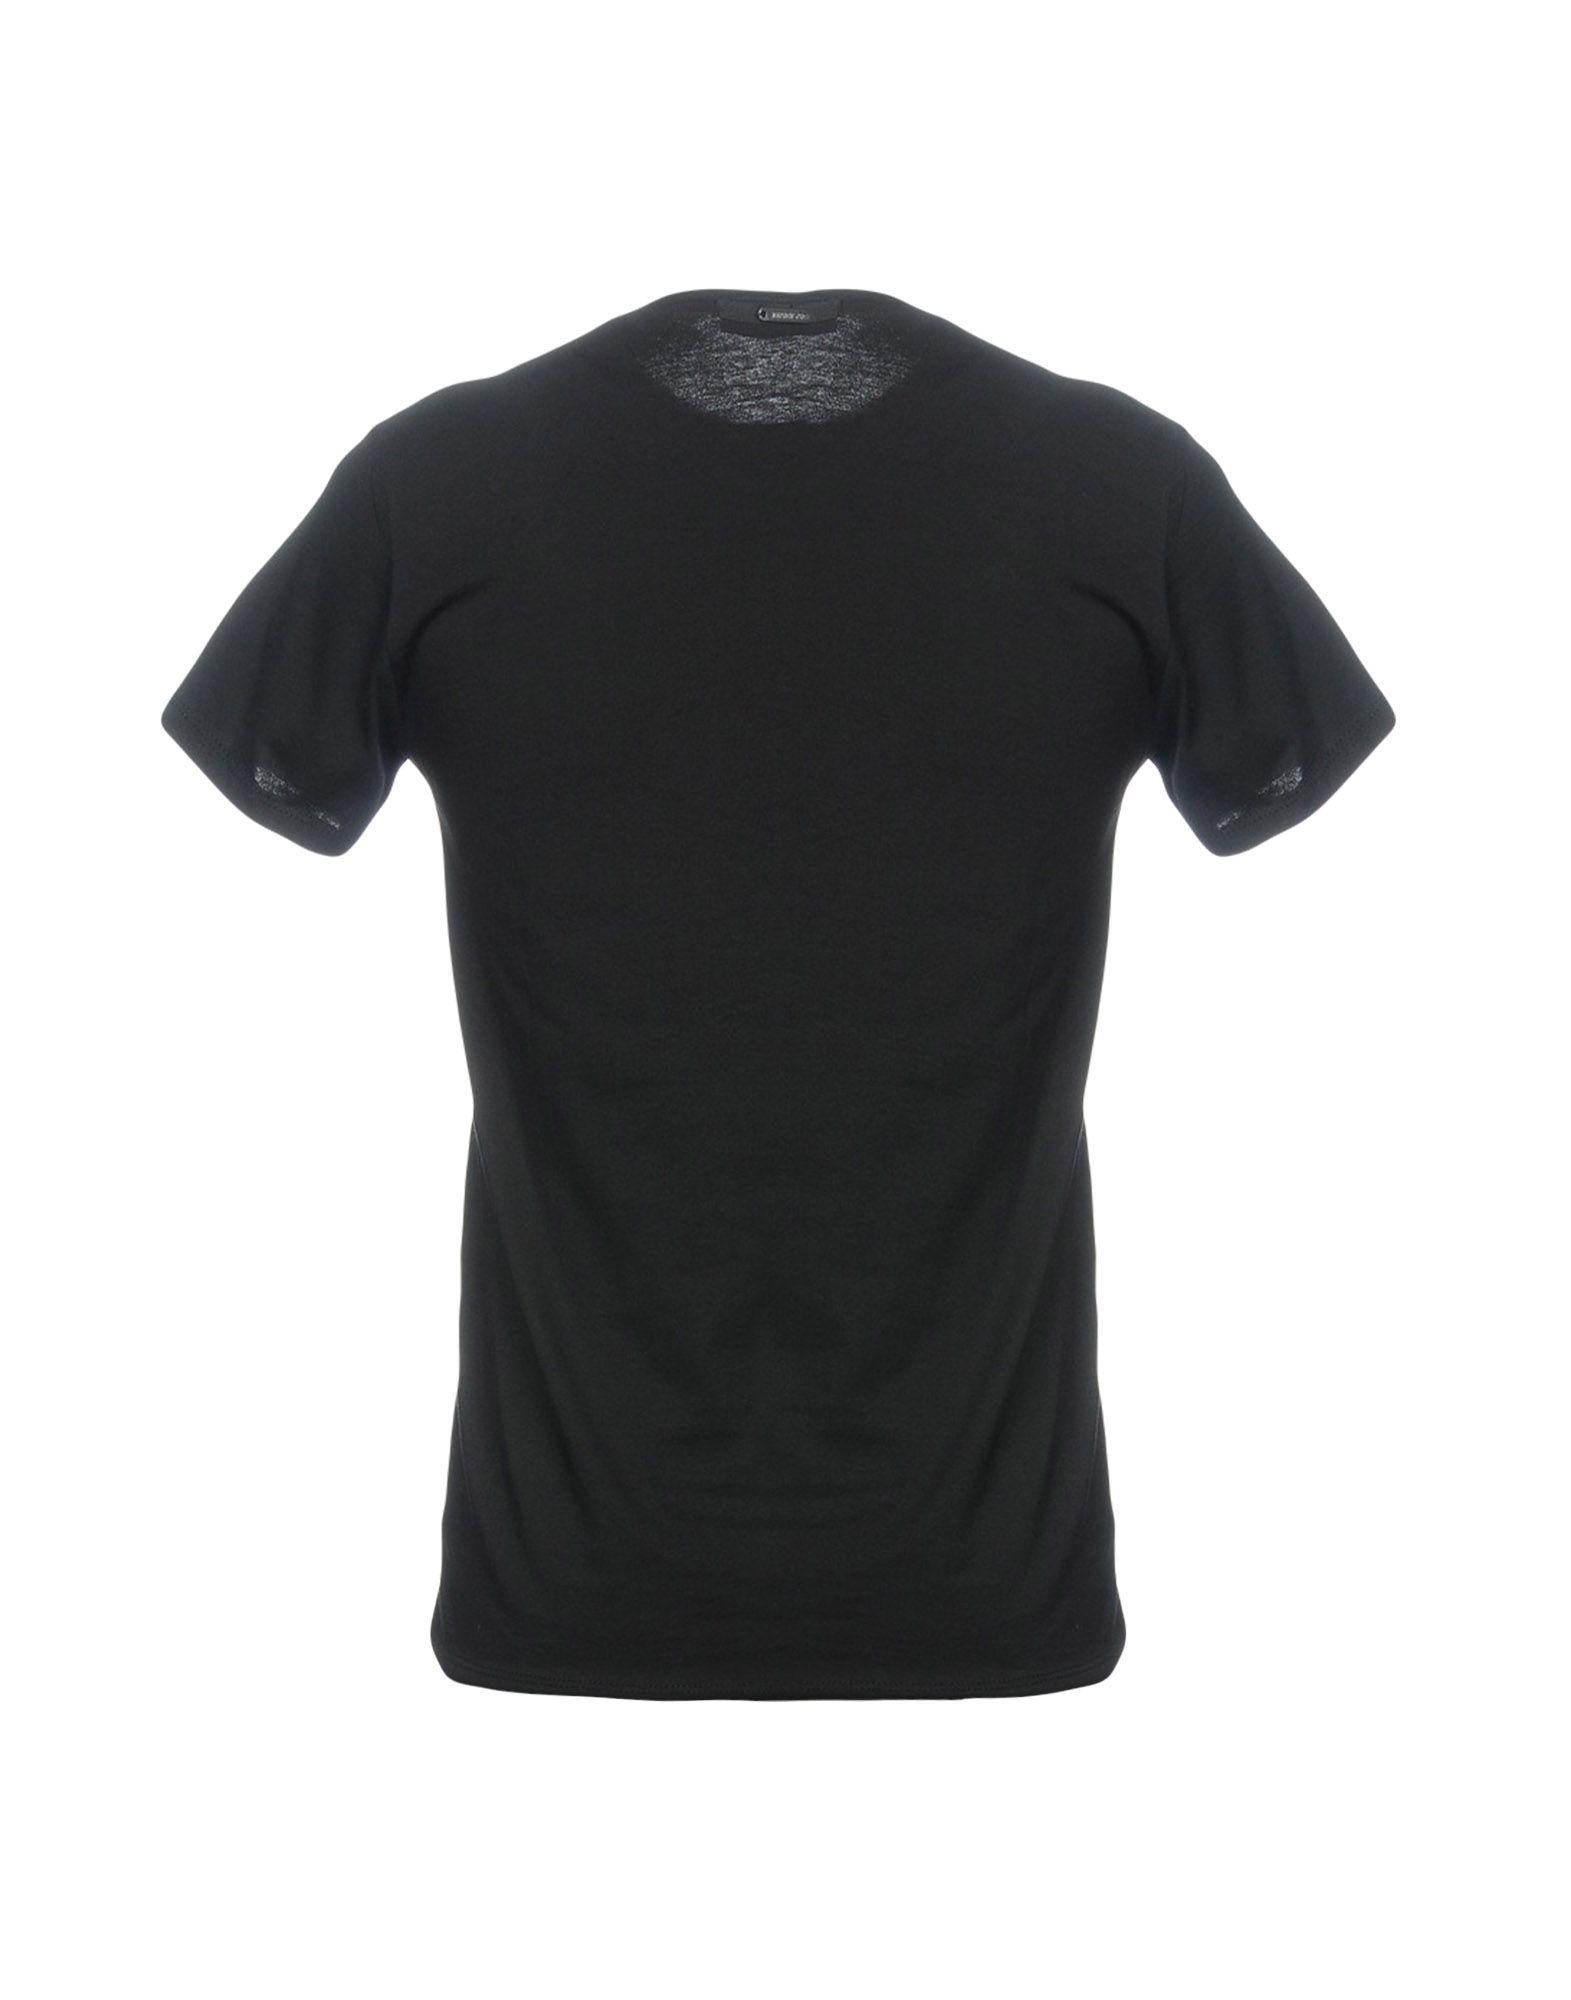 A buon mercato A buon mercato T-Shirt Mangano Uomo - - Uomo 12162948RJ c03c0f